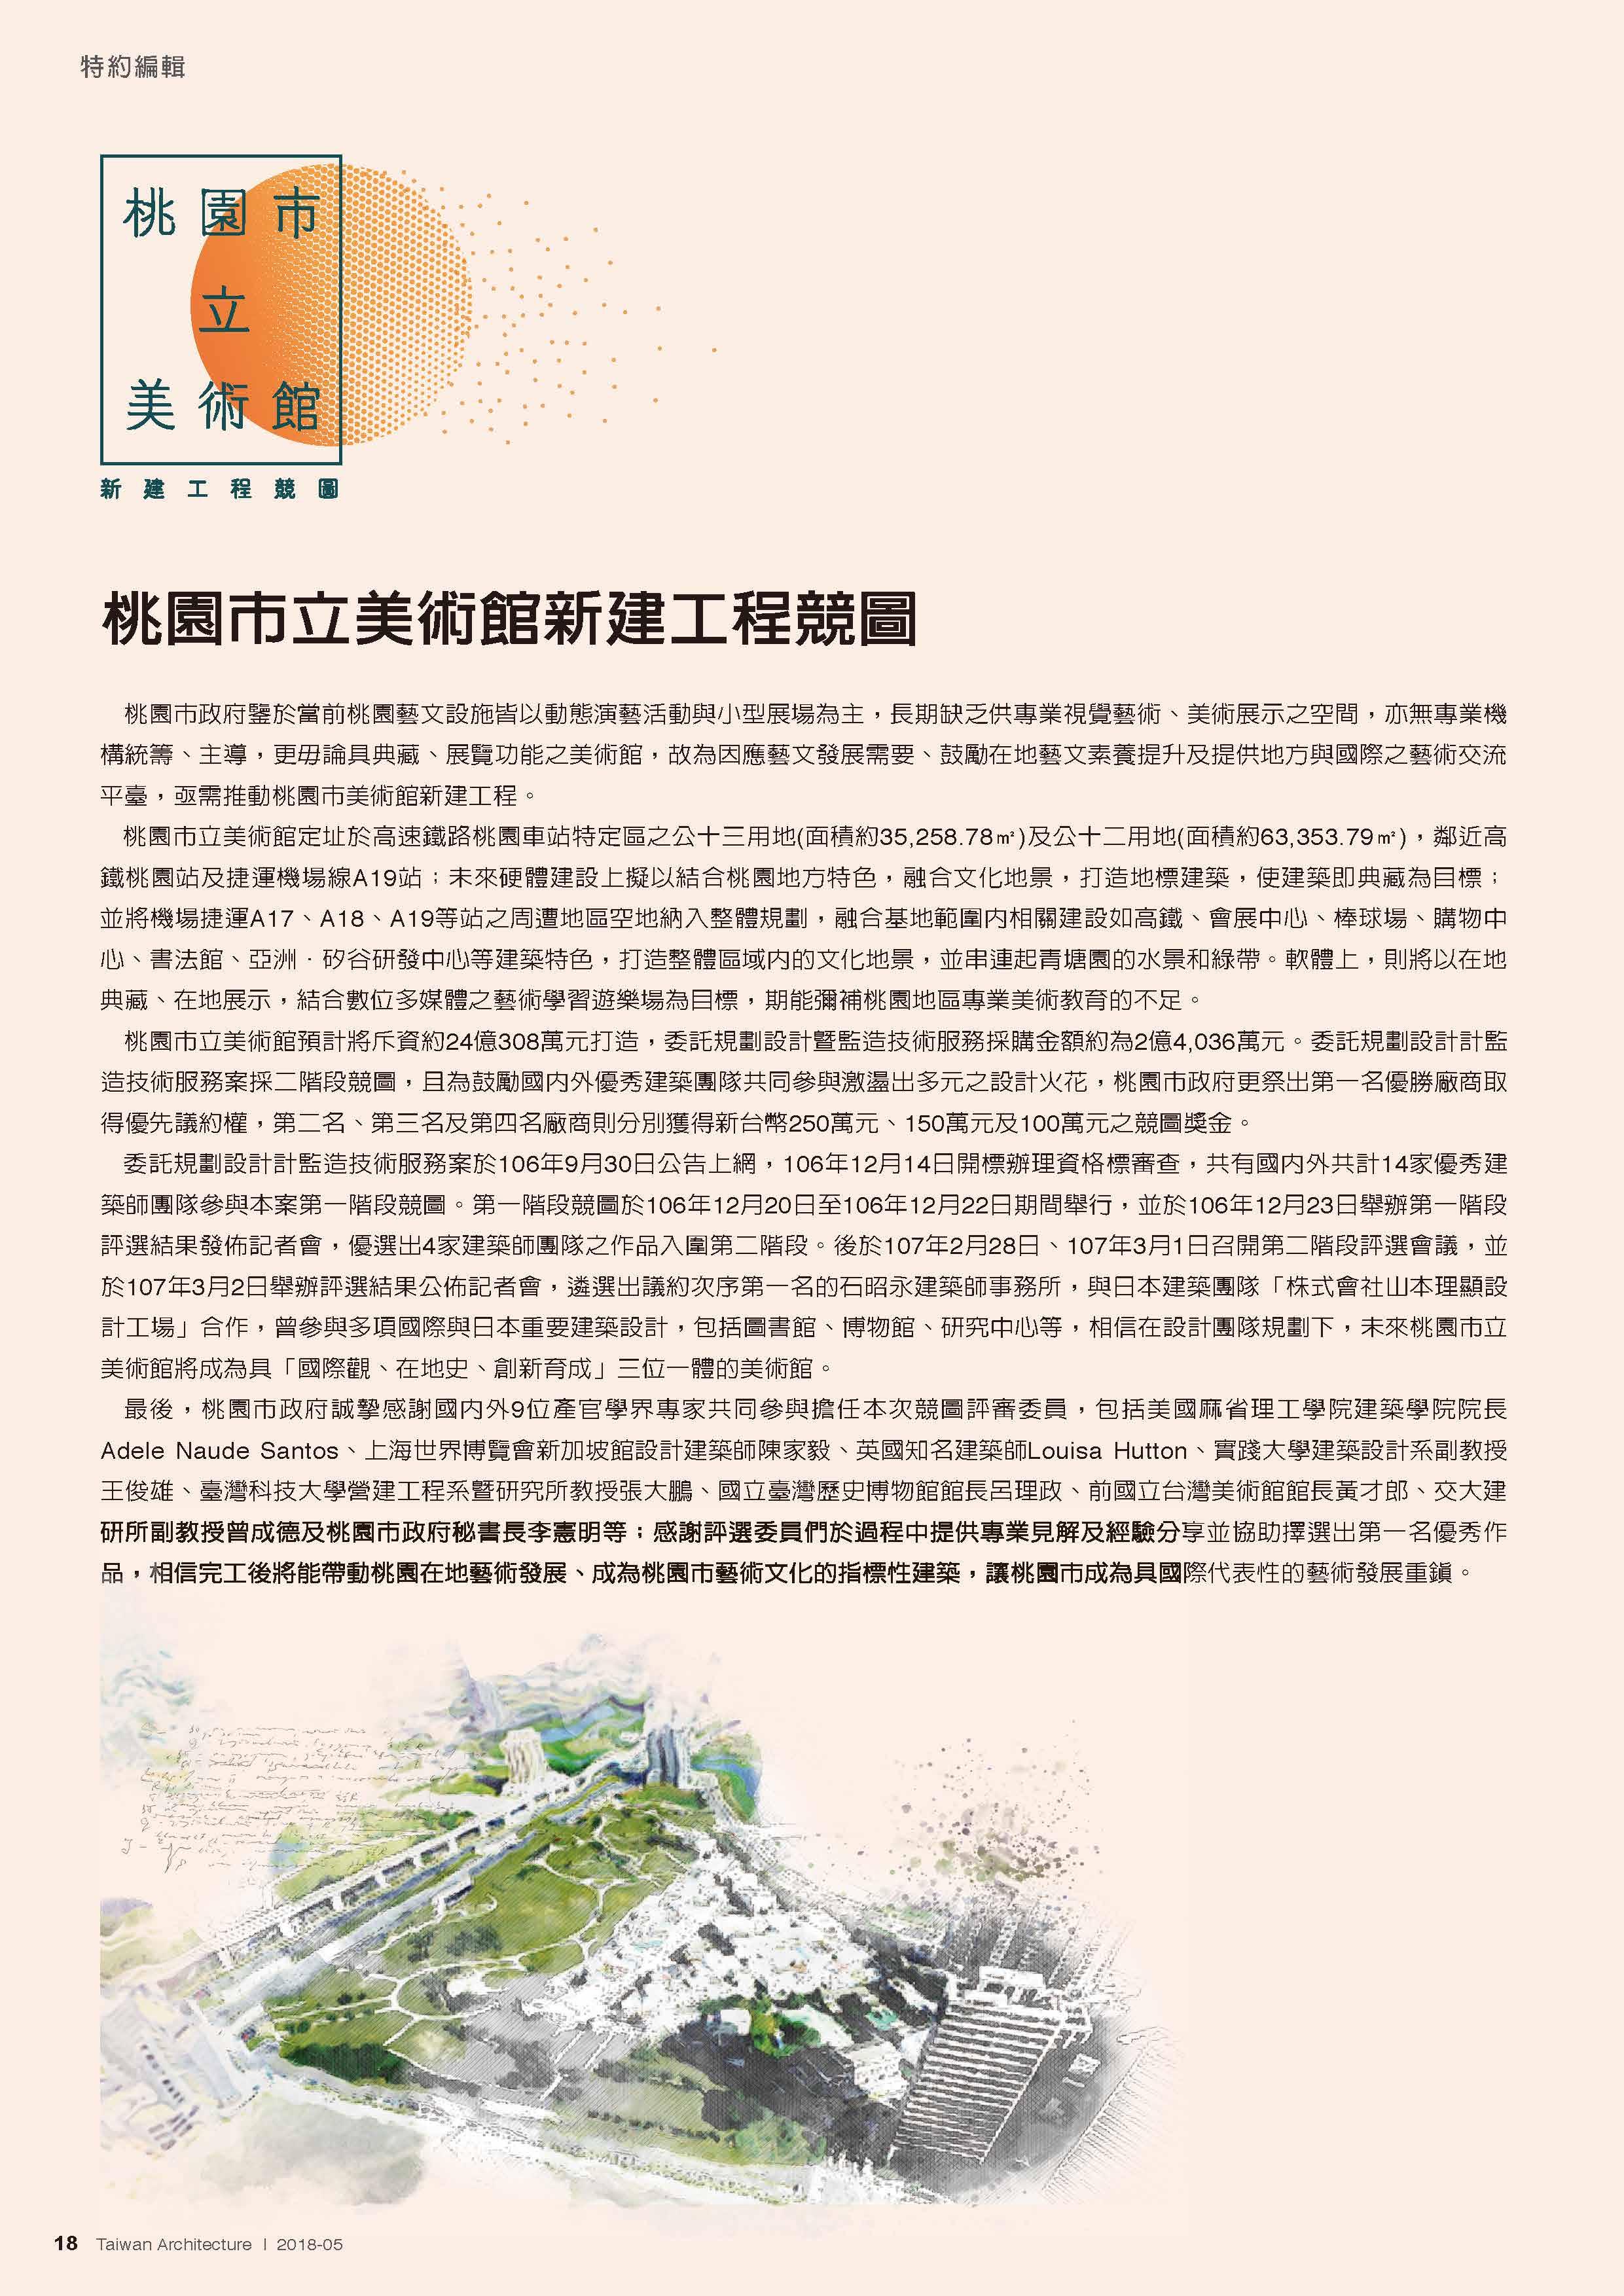 2018-TA-5月號-桃園美術館競圖_頁面_02.jpg